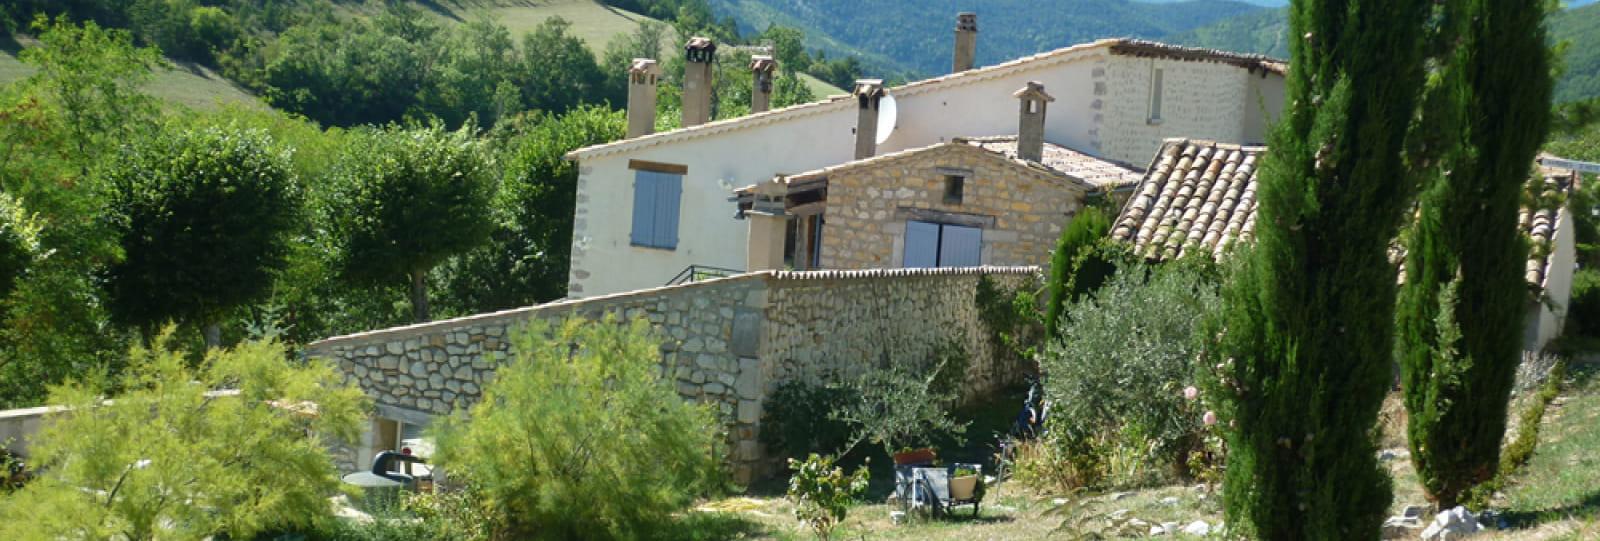 'Les Lavandes' Stopover Lodge